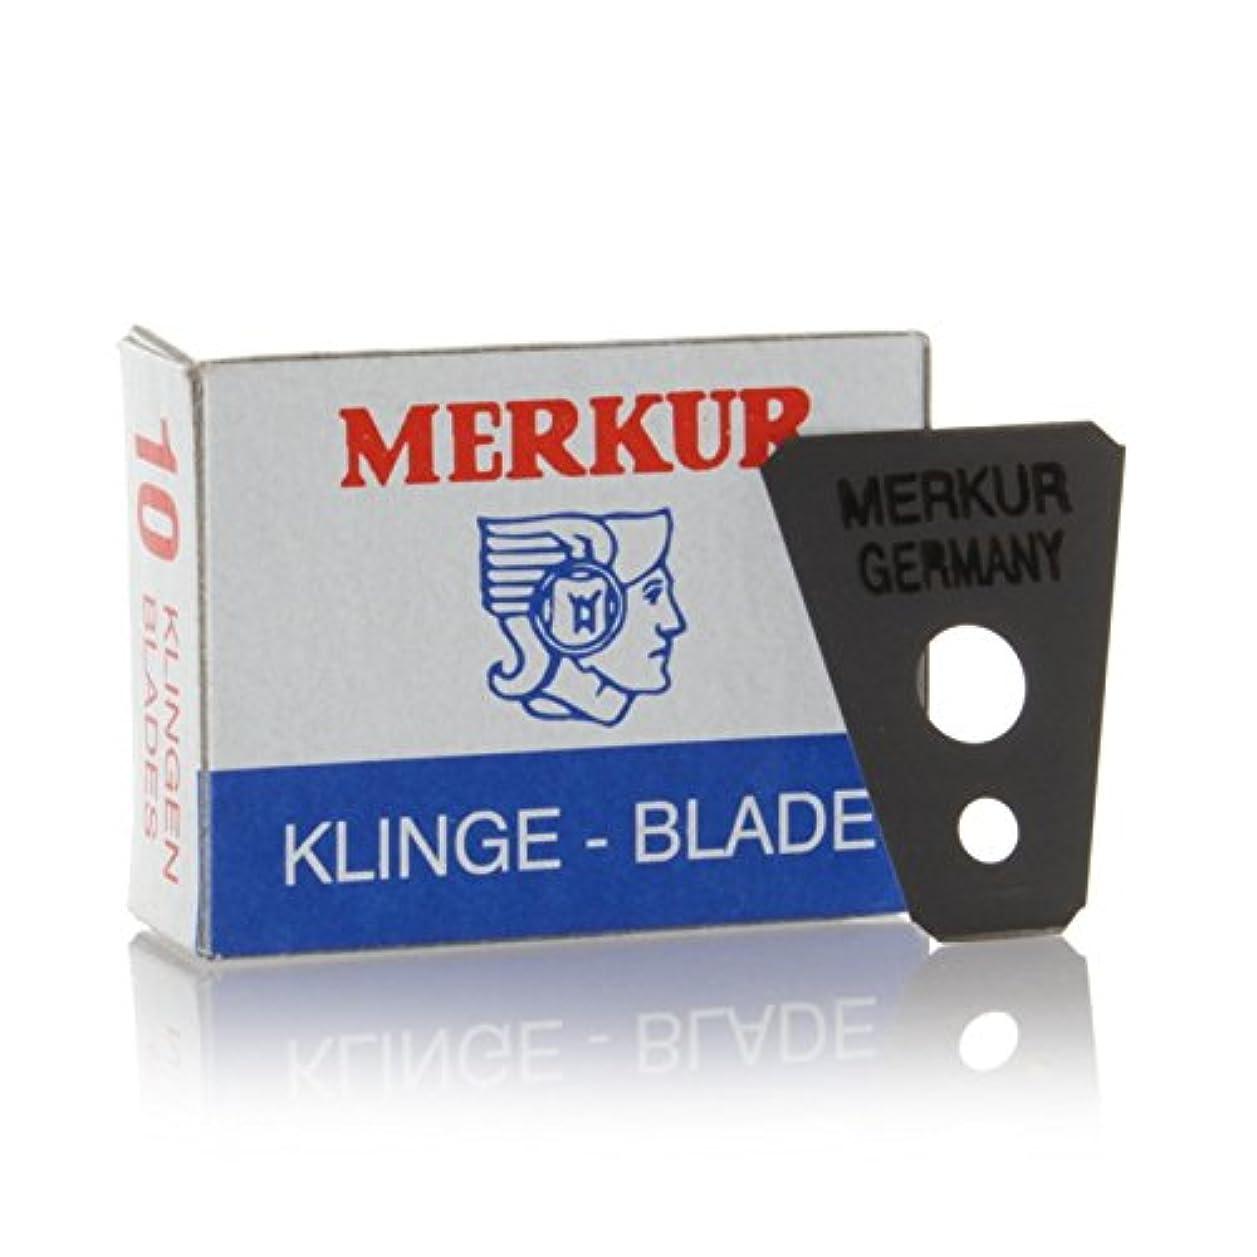 する必要があるサイクル学ぶMERKUR Solingen - Razor blades for moustache shaver, 10 pieces, 90908100